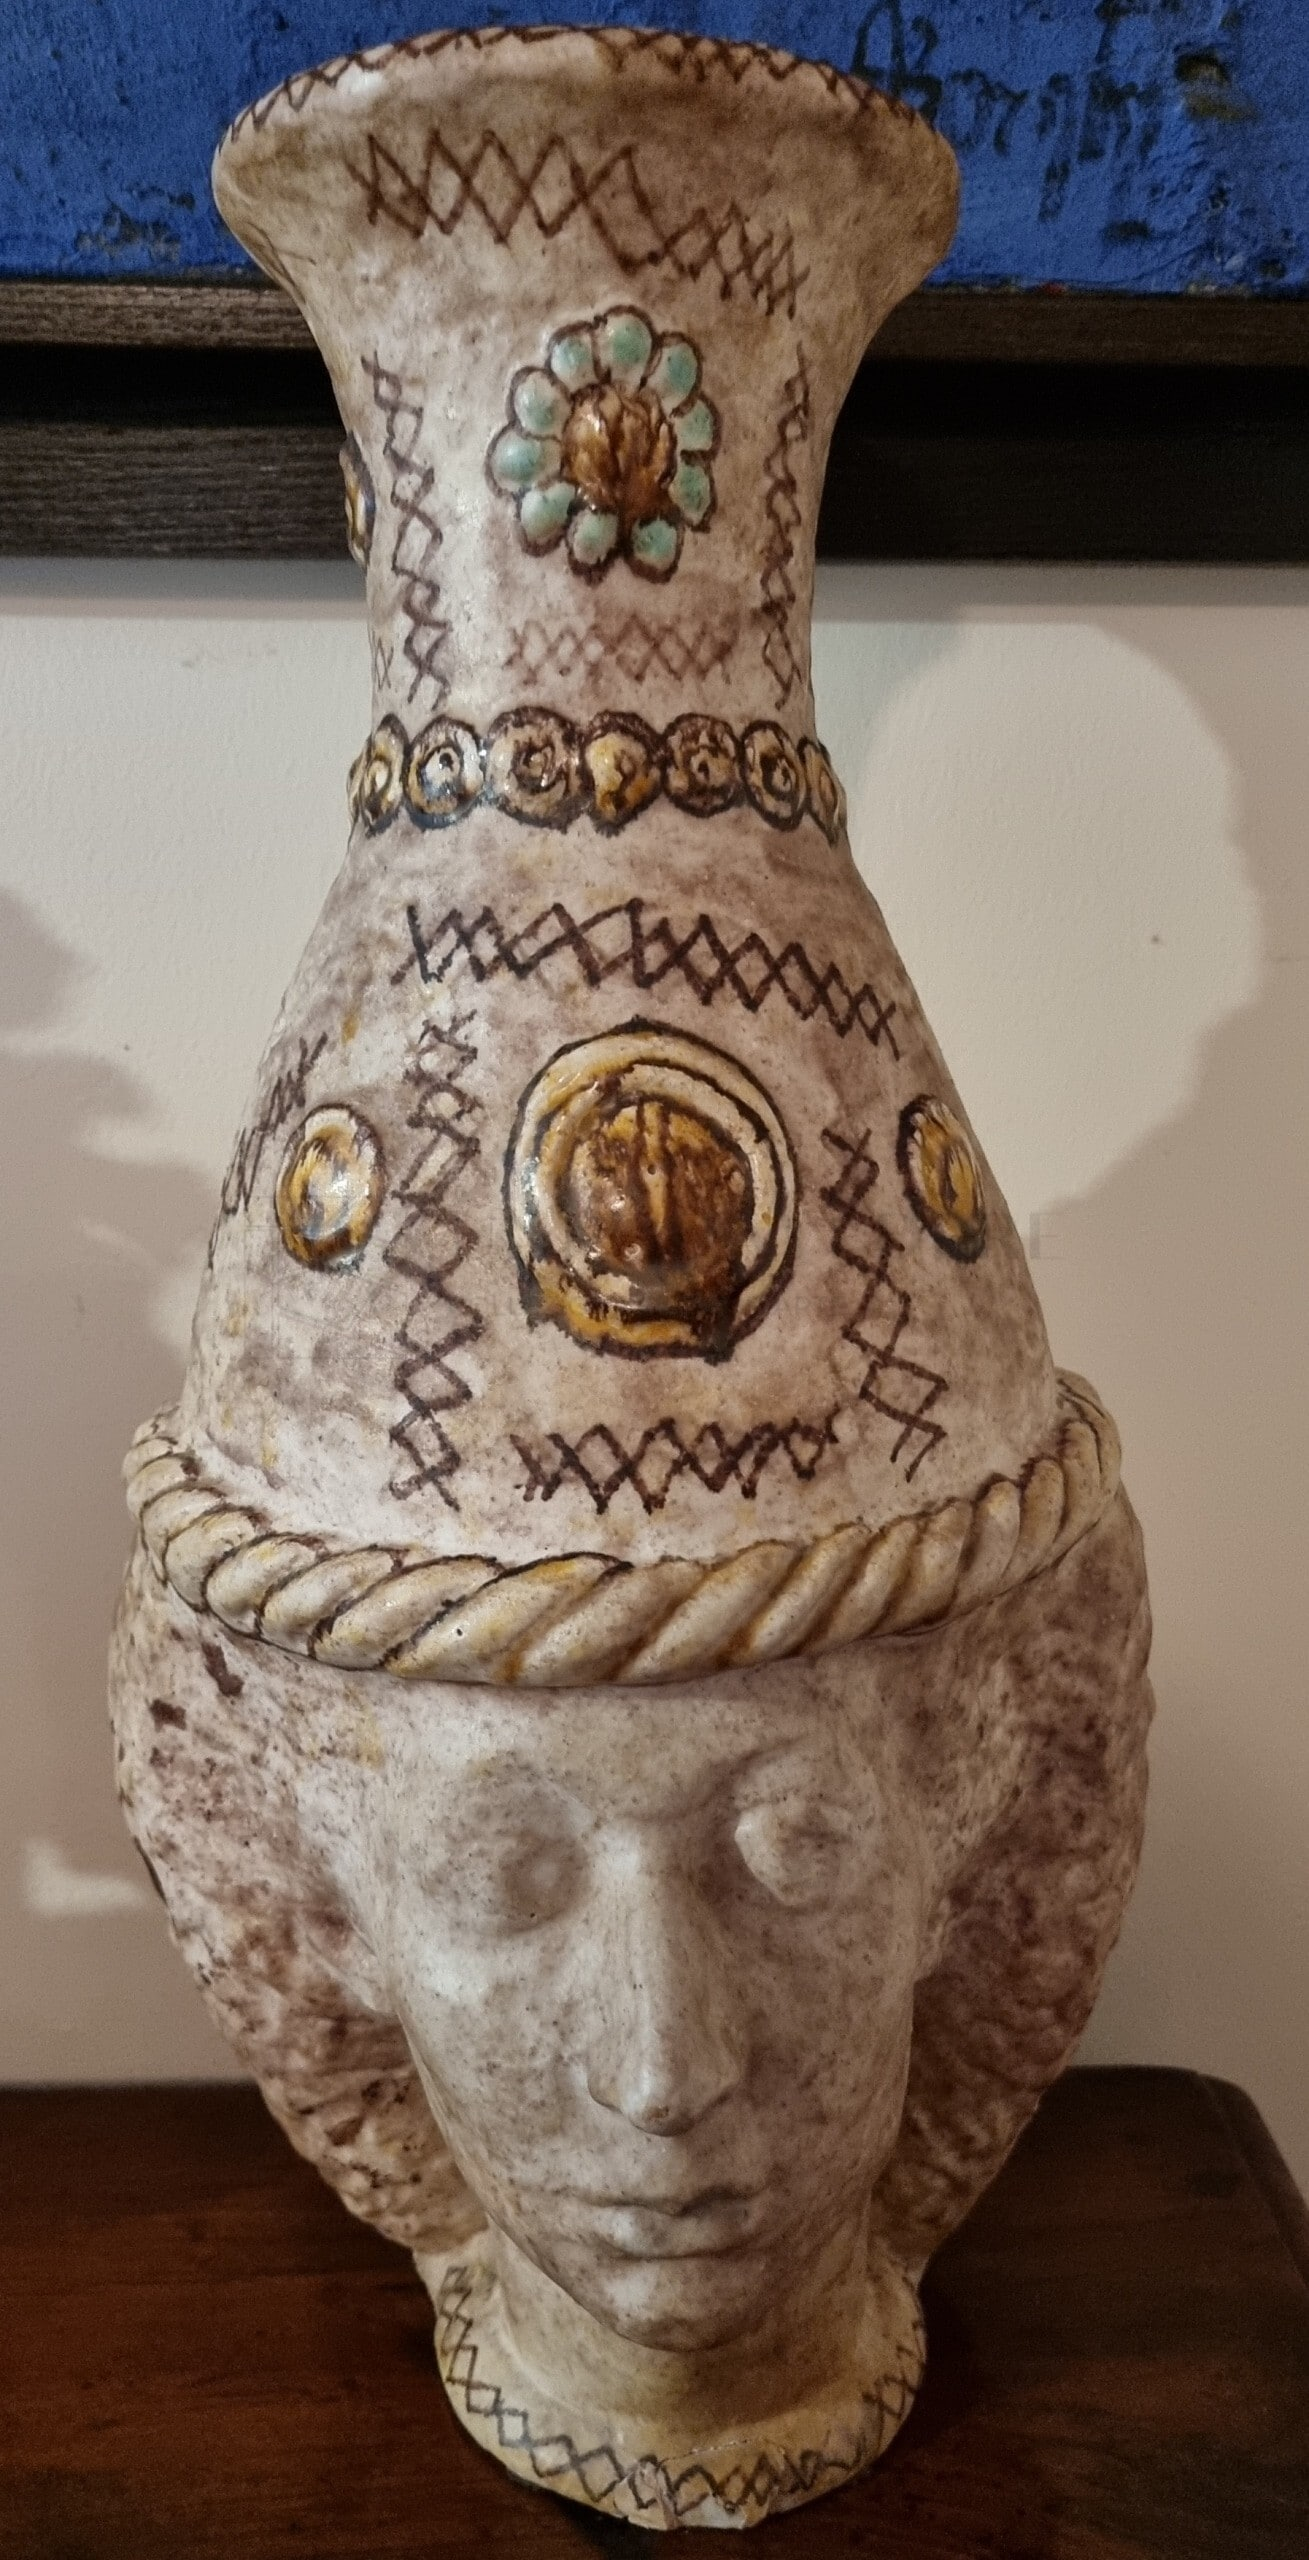 biancini zauli scultura in ceramica